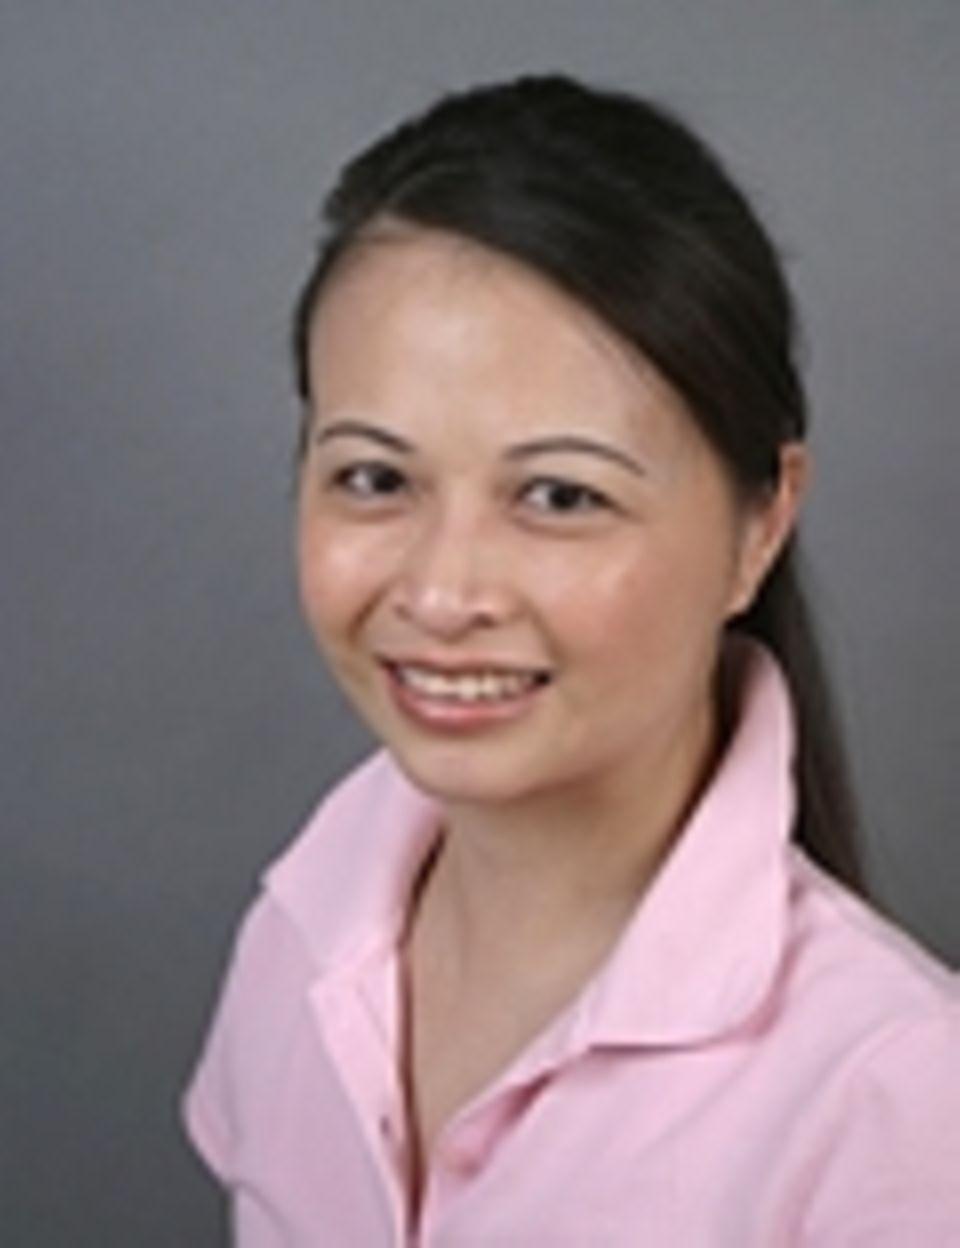 Hong-Yen Le